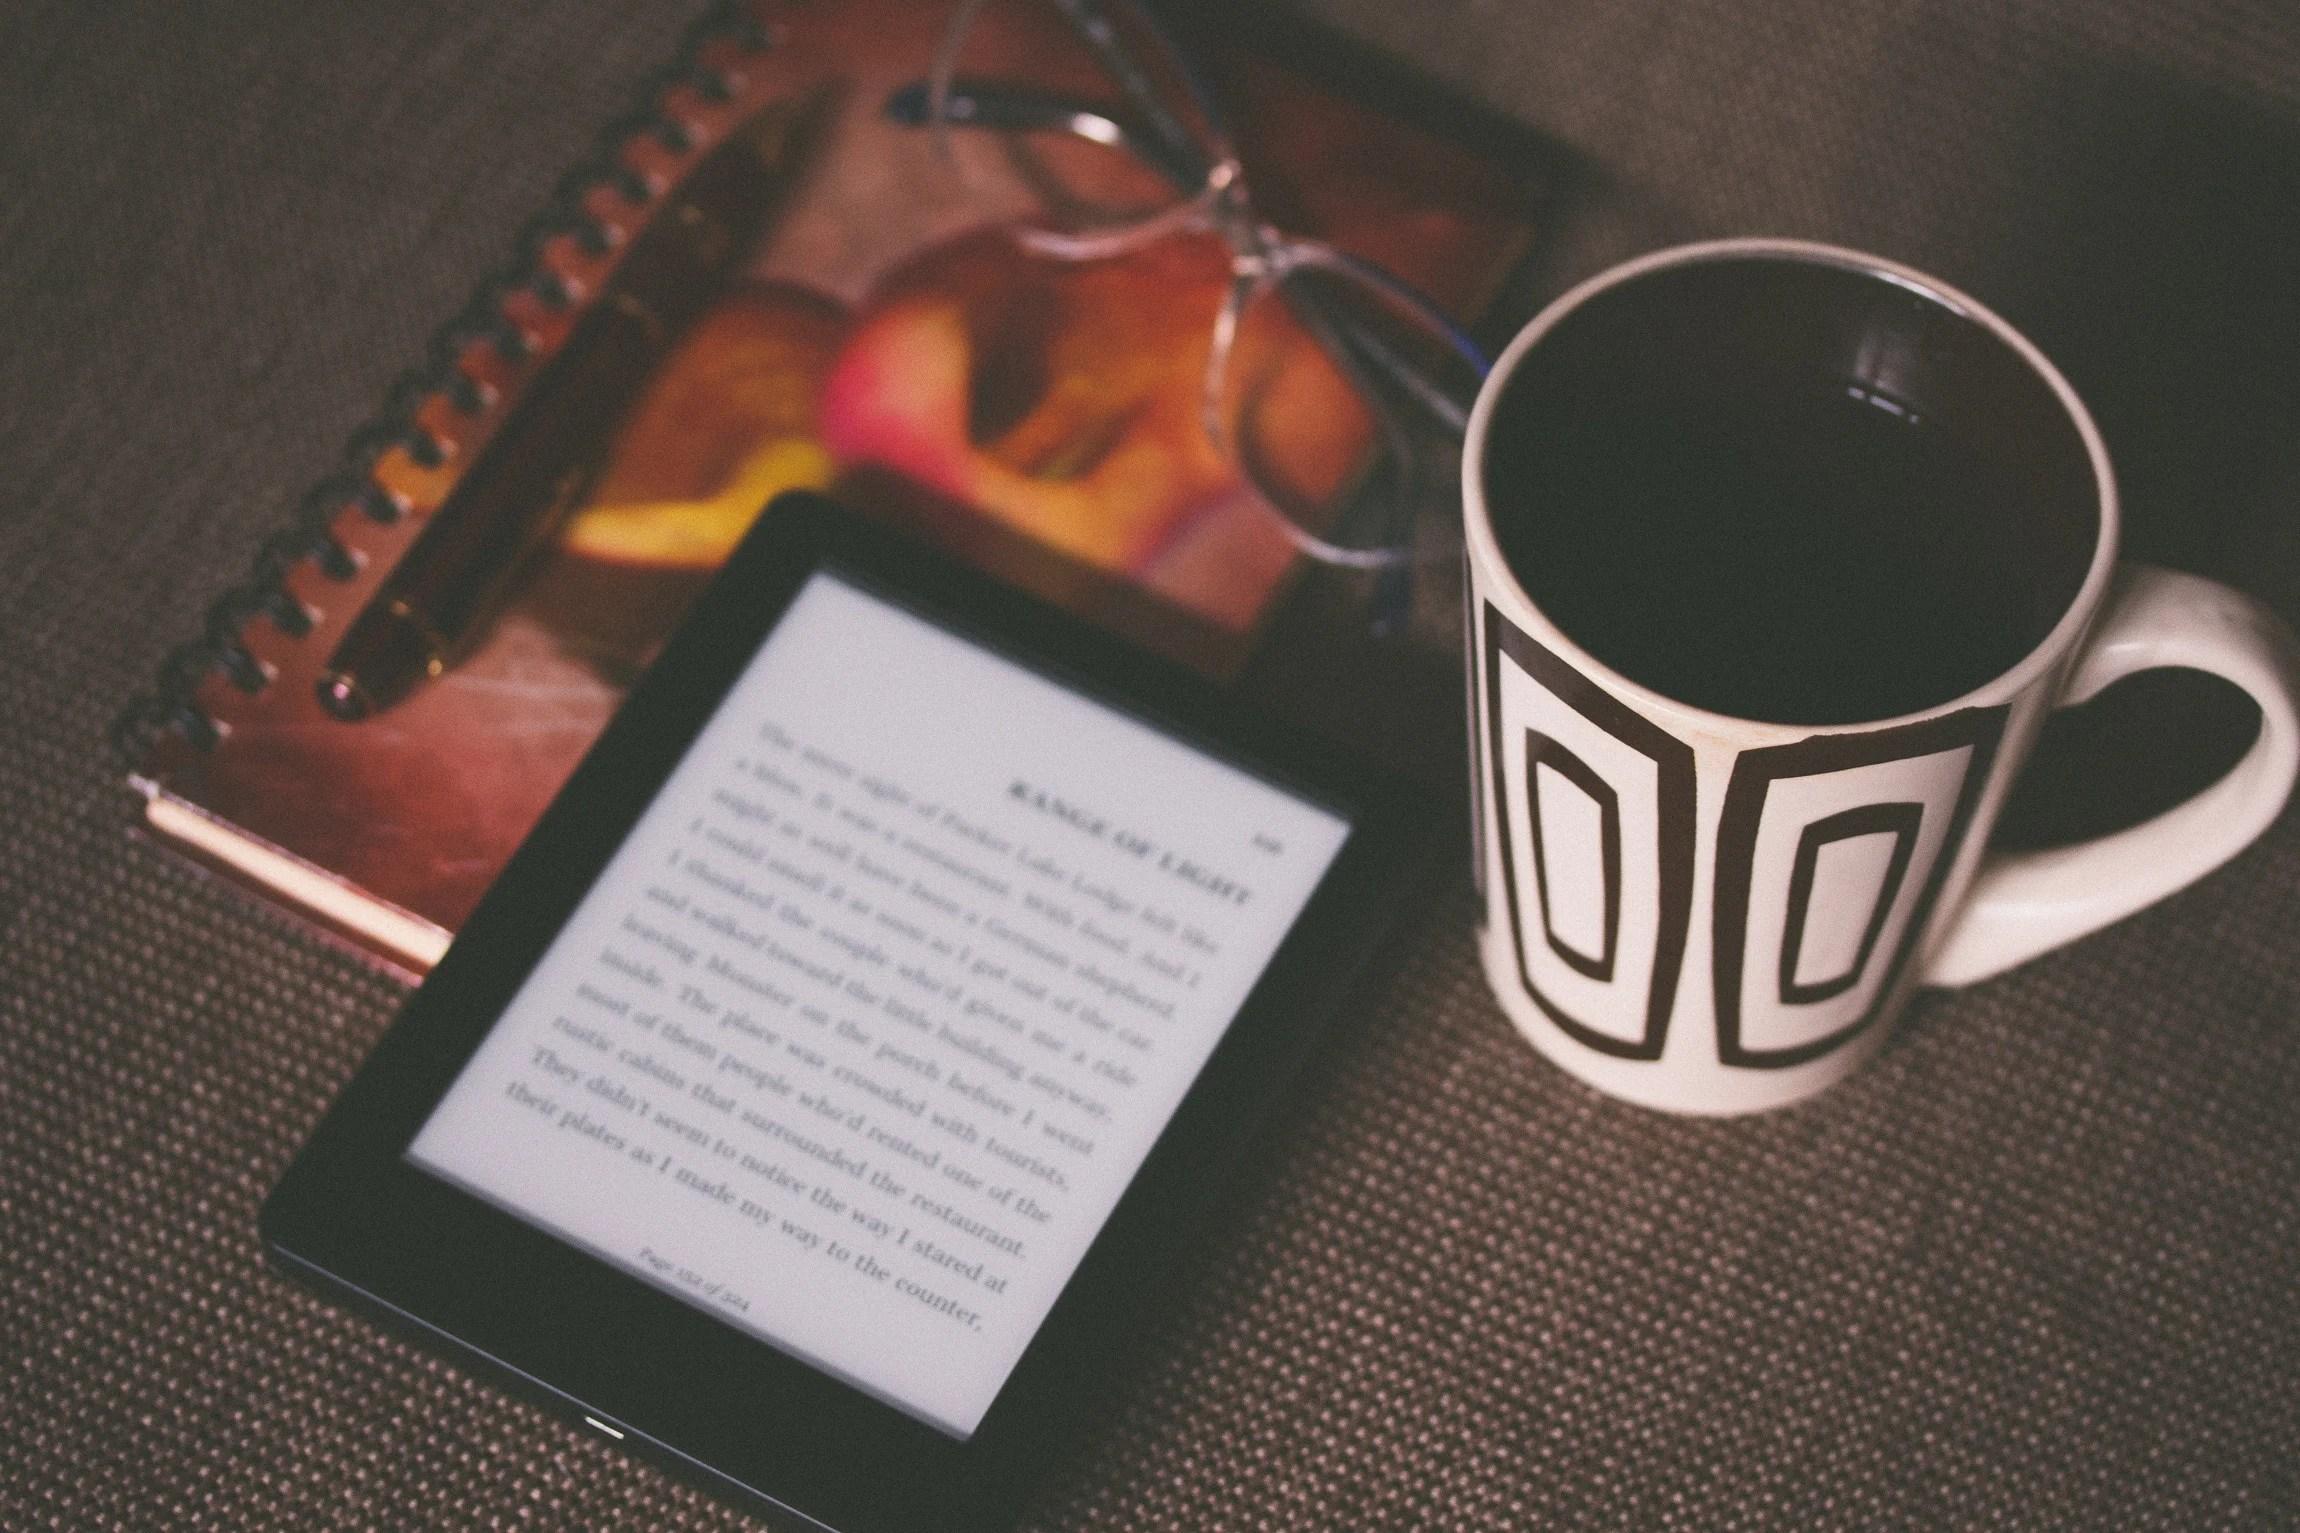 Quelle liseuse électronique choisir en 2021 ? Kindle, Kobo ou une autre marque ?